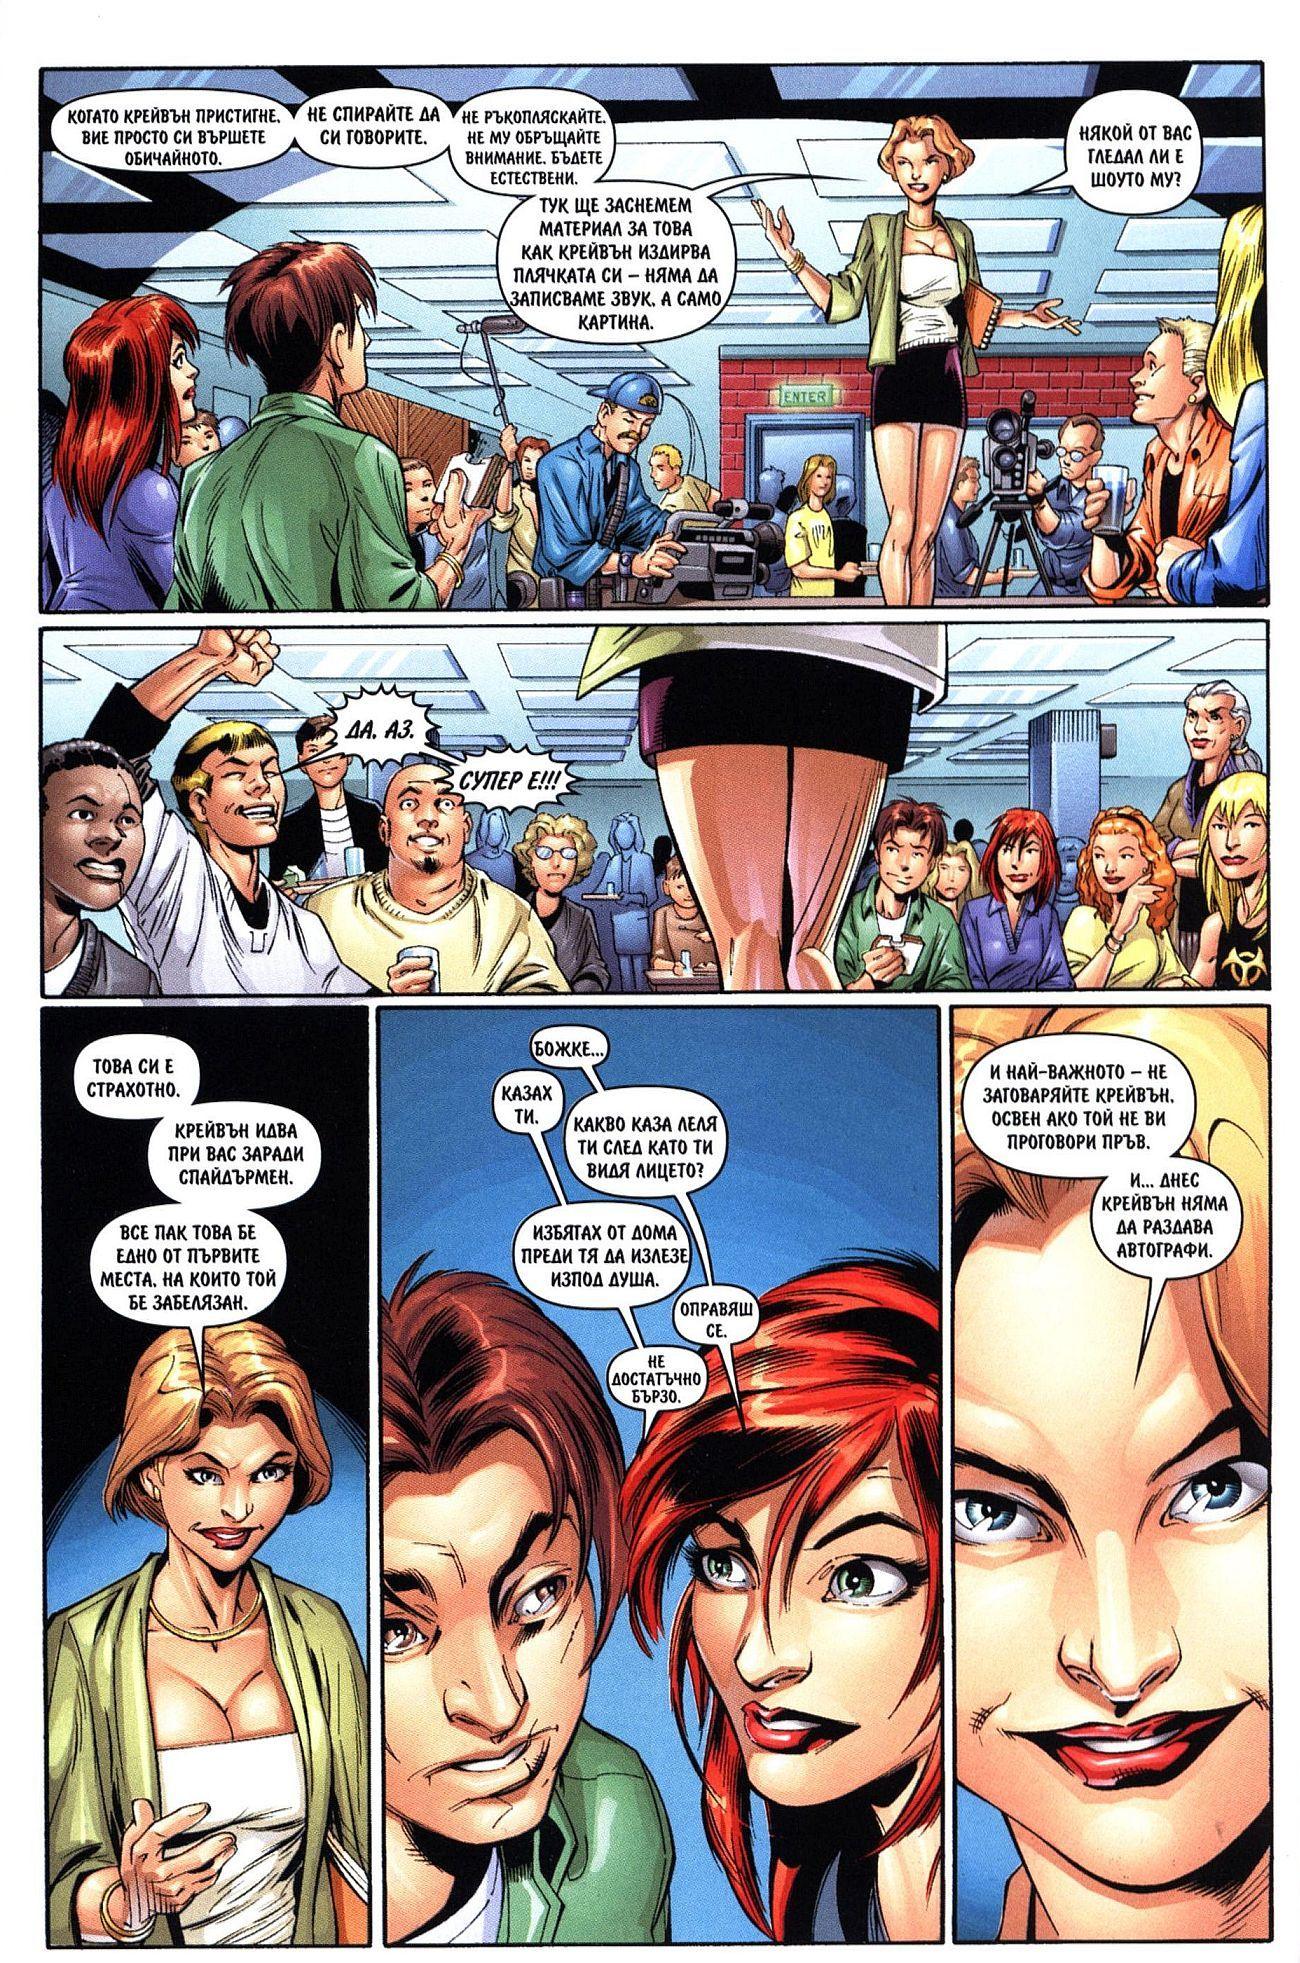 Най-новото от Спайдърмен (Брой 20 / Февруари 2008):  Шедьовър - 5